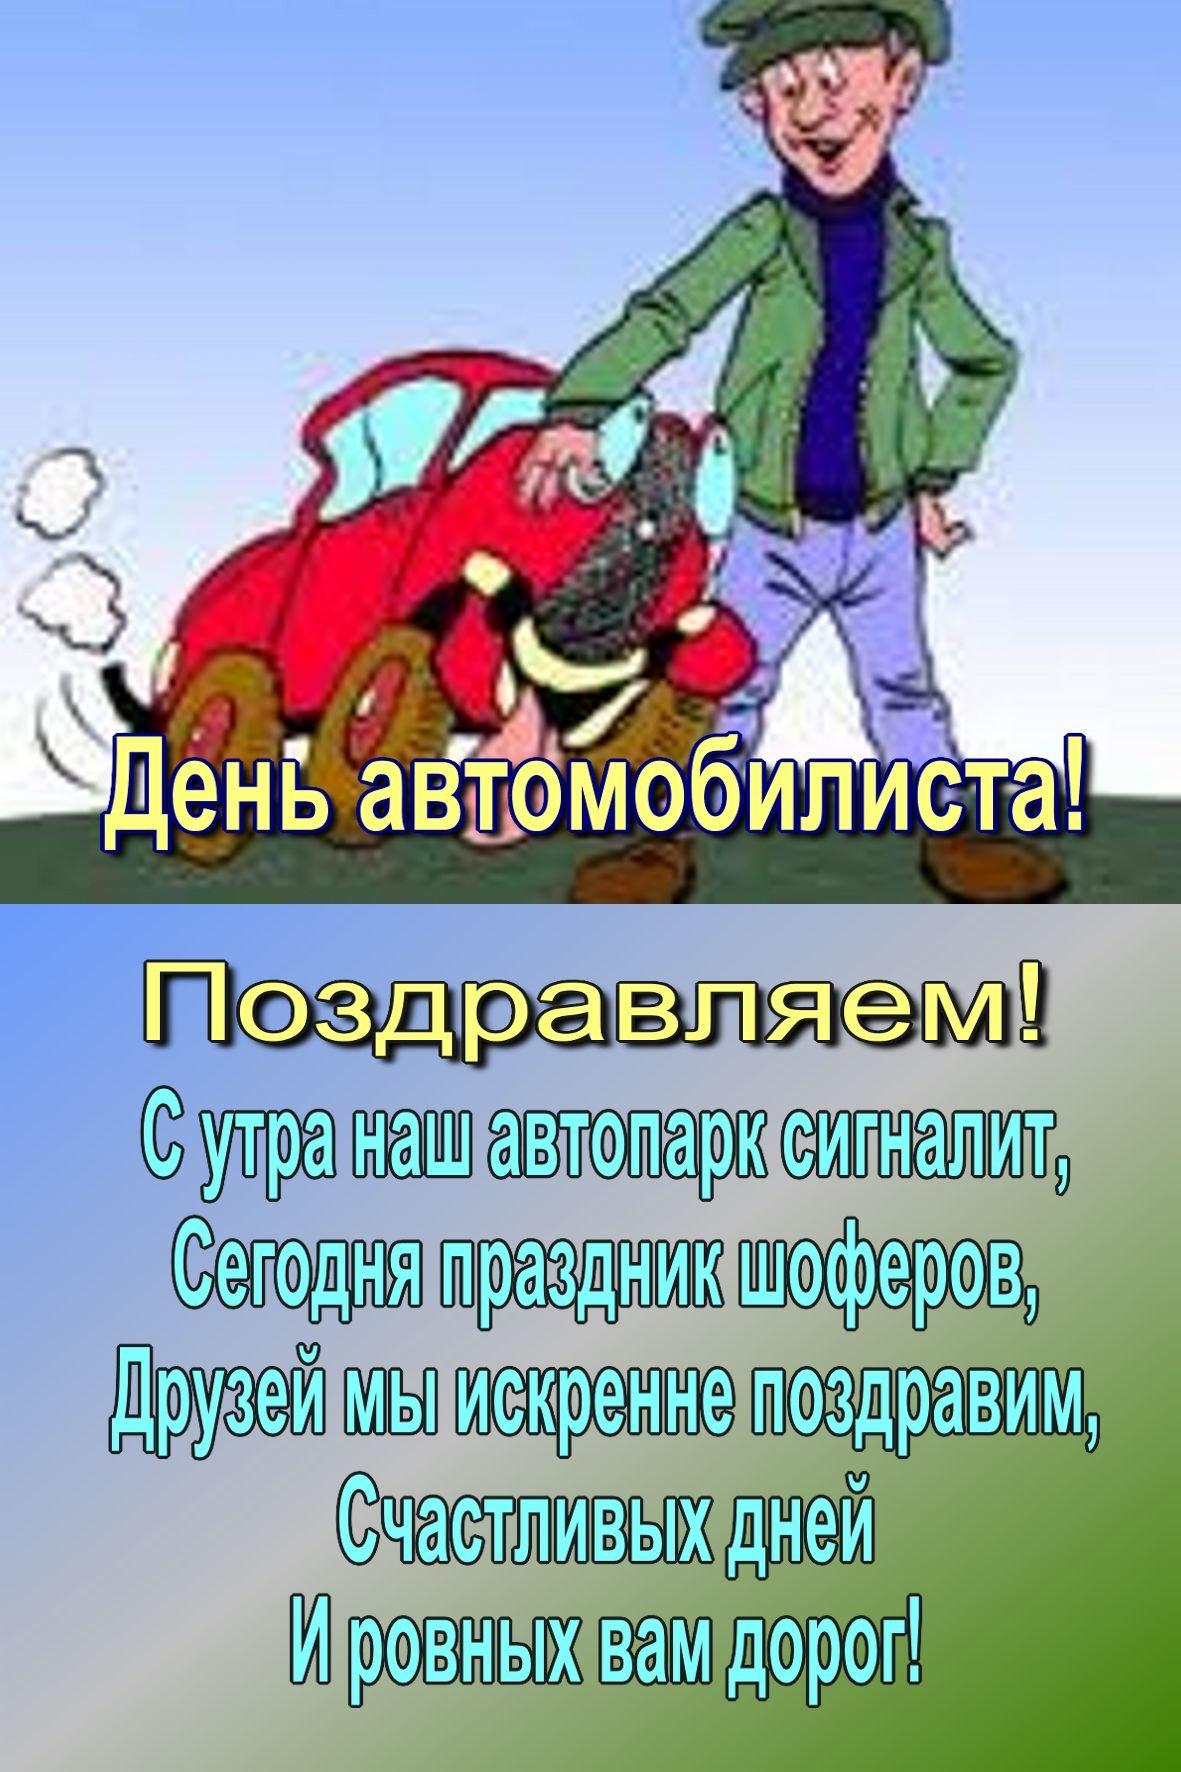 поздравление в стихах коллеге водителю другие